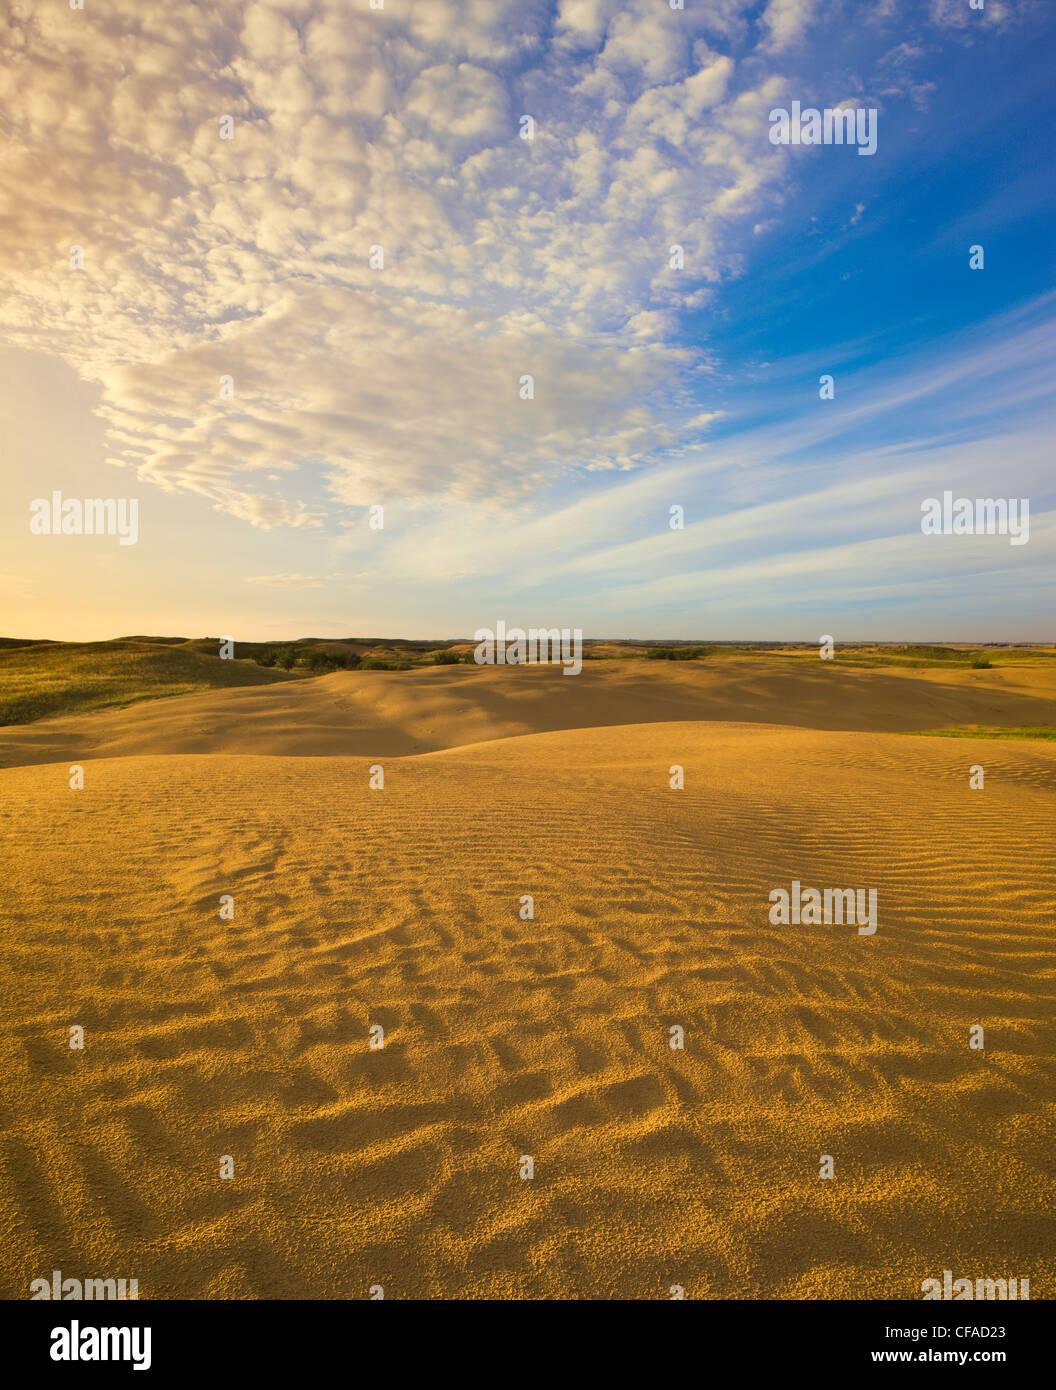 Detail der großen Sandhügel in der Nähe von Leader, Saskatchewan, Kanada. Stockbild